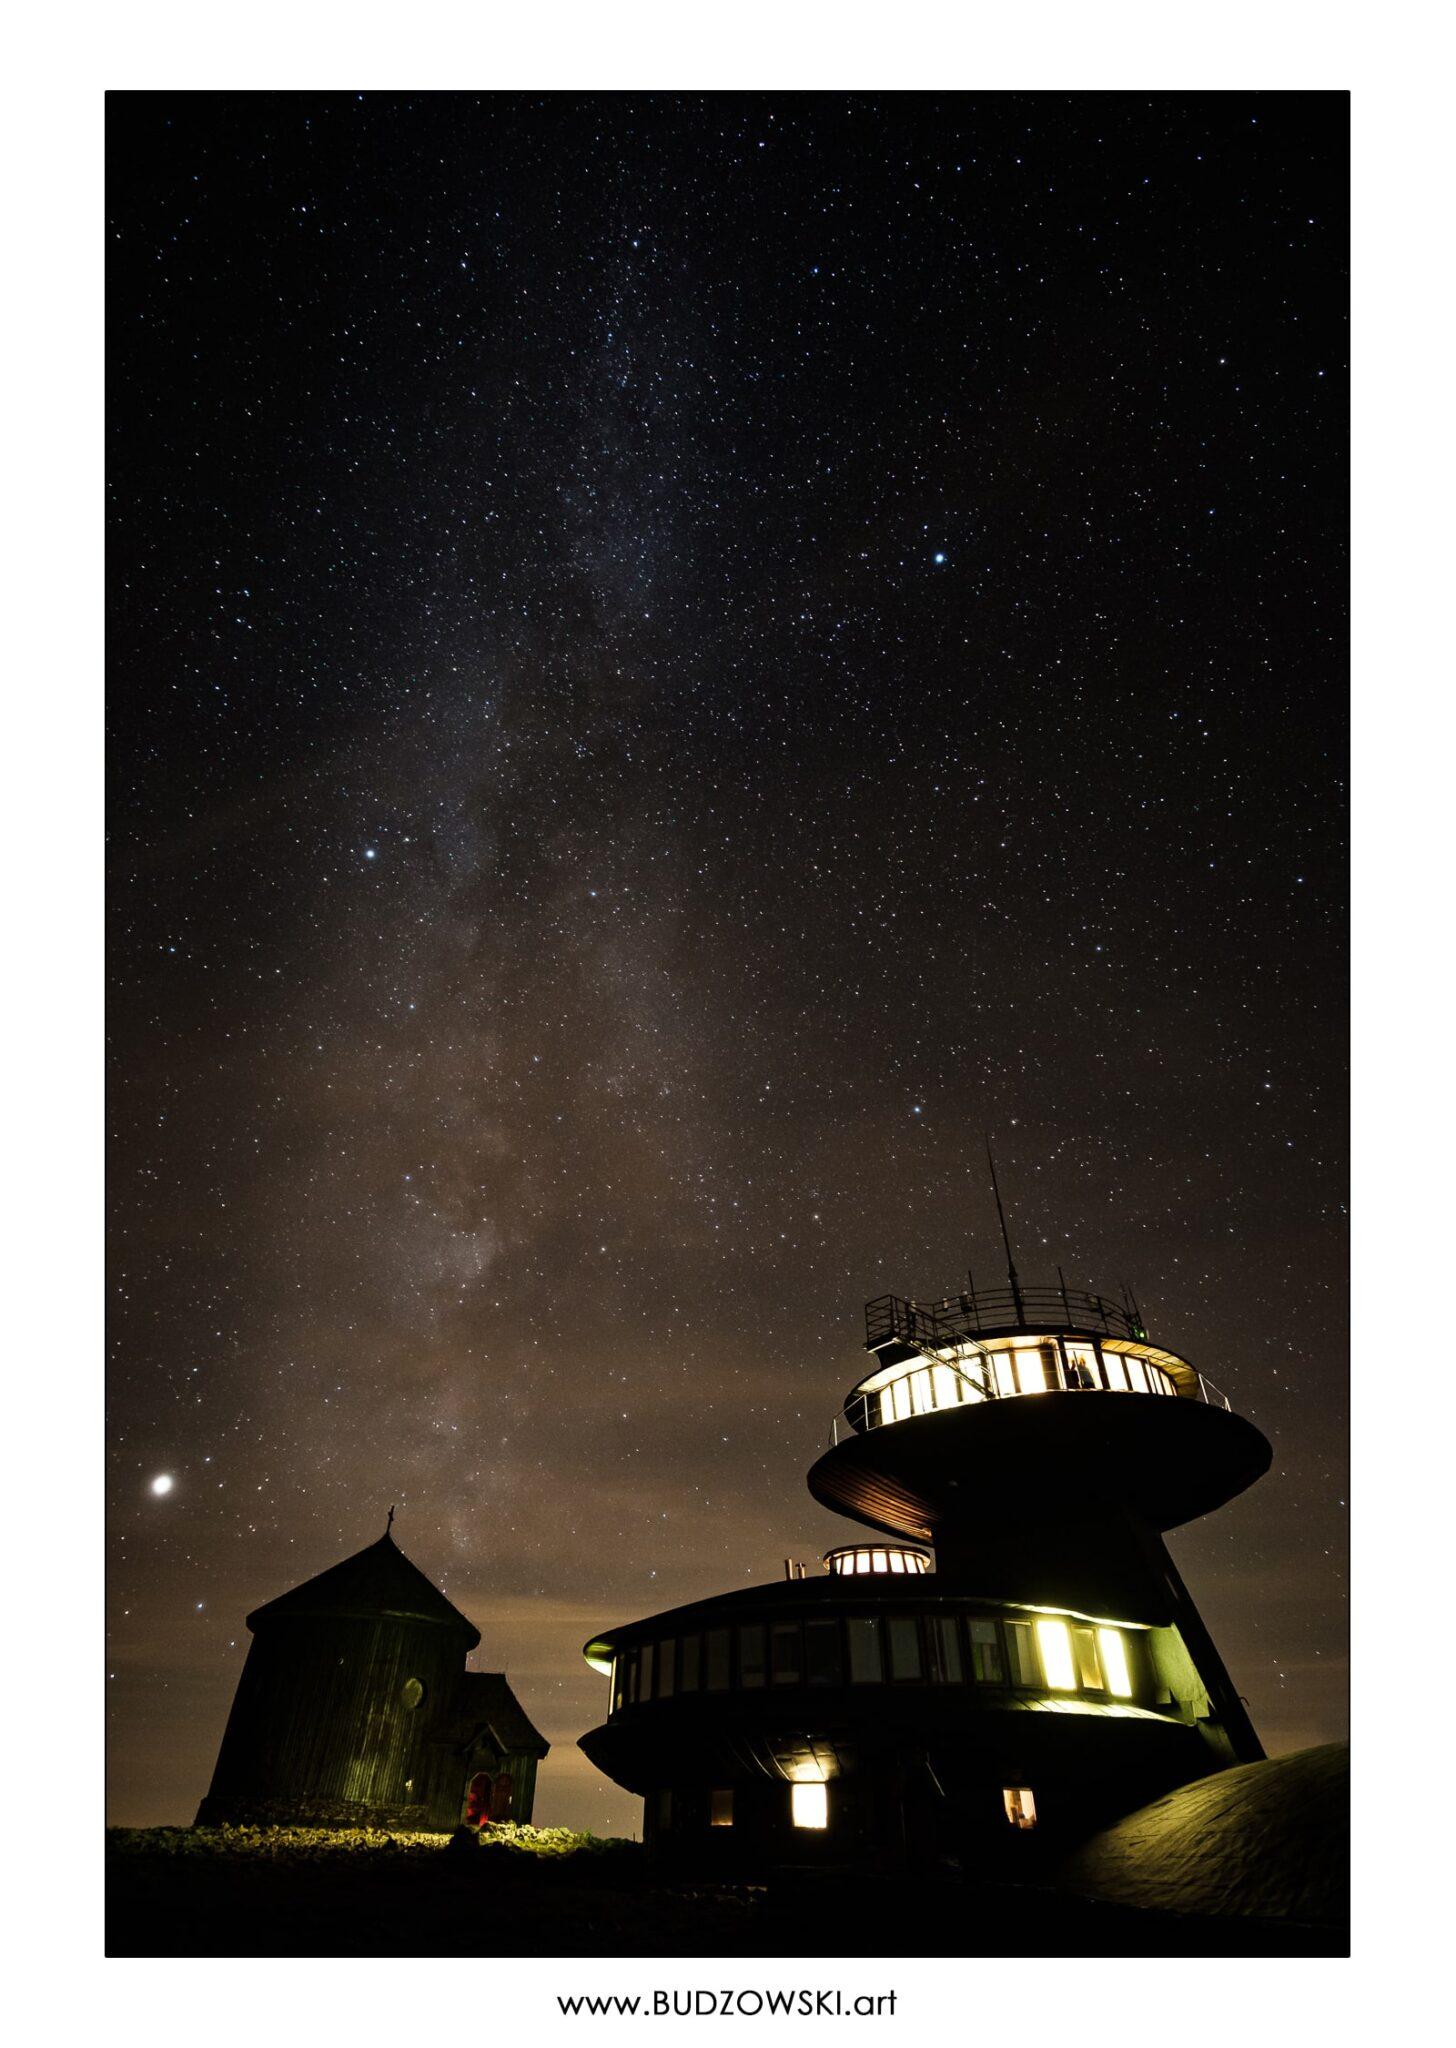 Śnieżka. Obserwatorium. Kaplica Św. Wawrzyńca. Karpacz. Karkonosze. Gwiazdy.